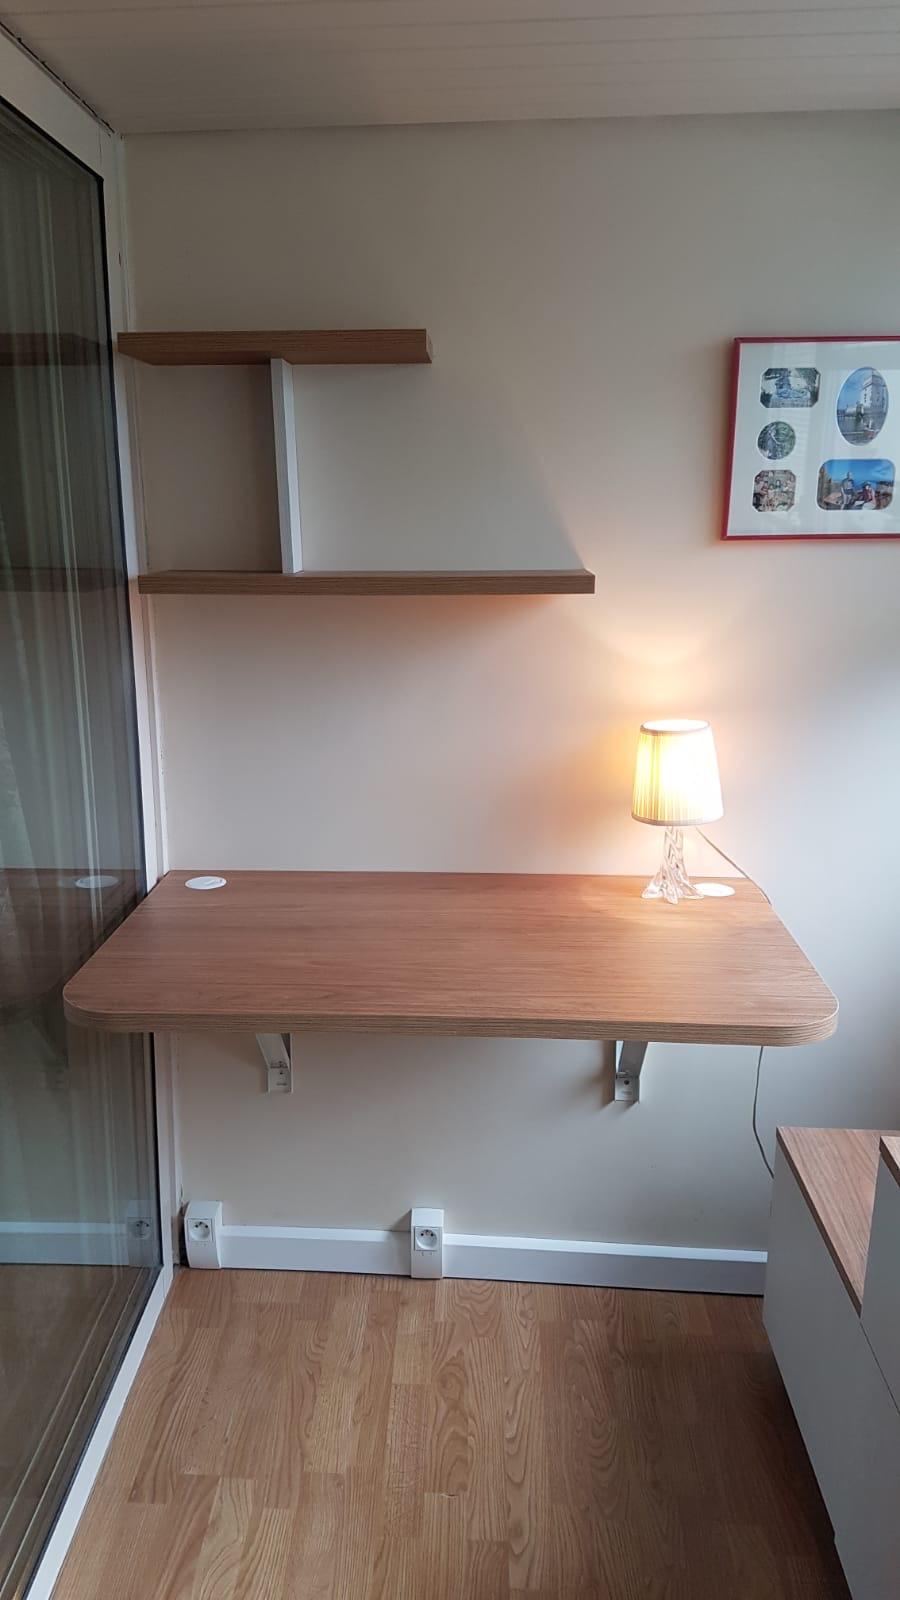 Aménagement d'une pièce en bureau par le biais de meuble sur mesure